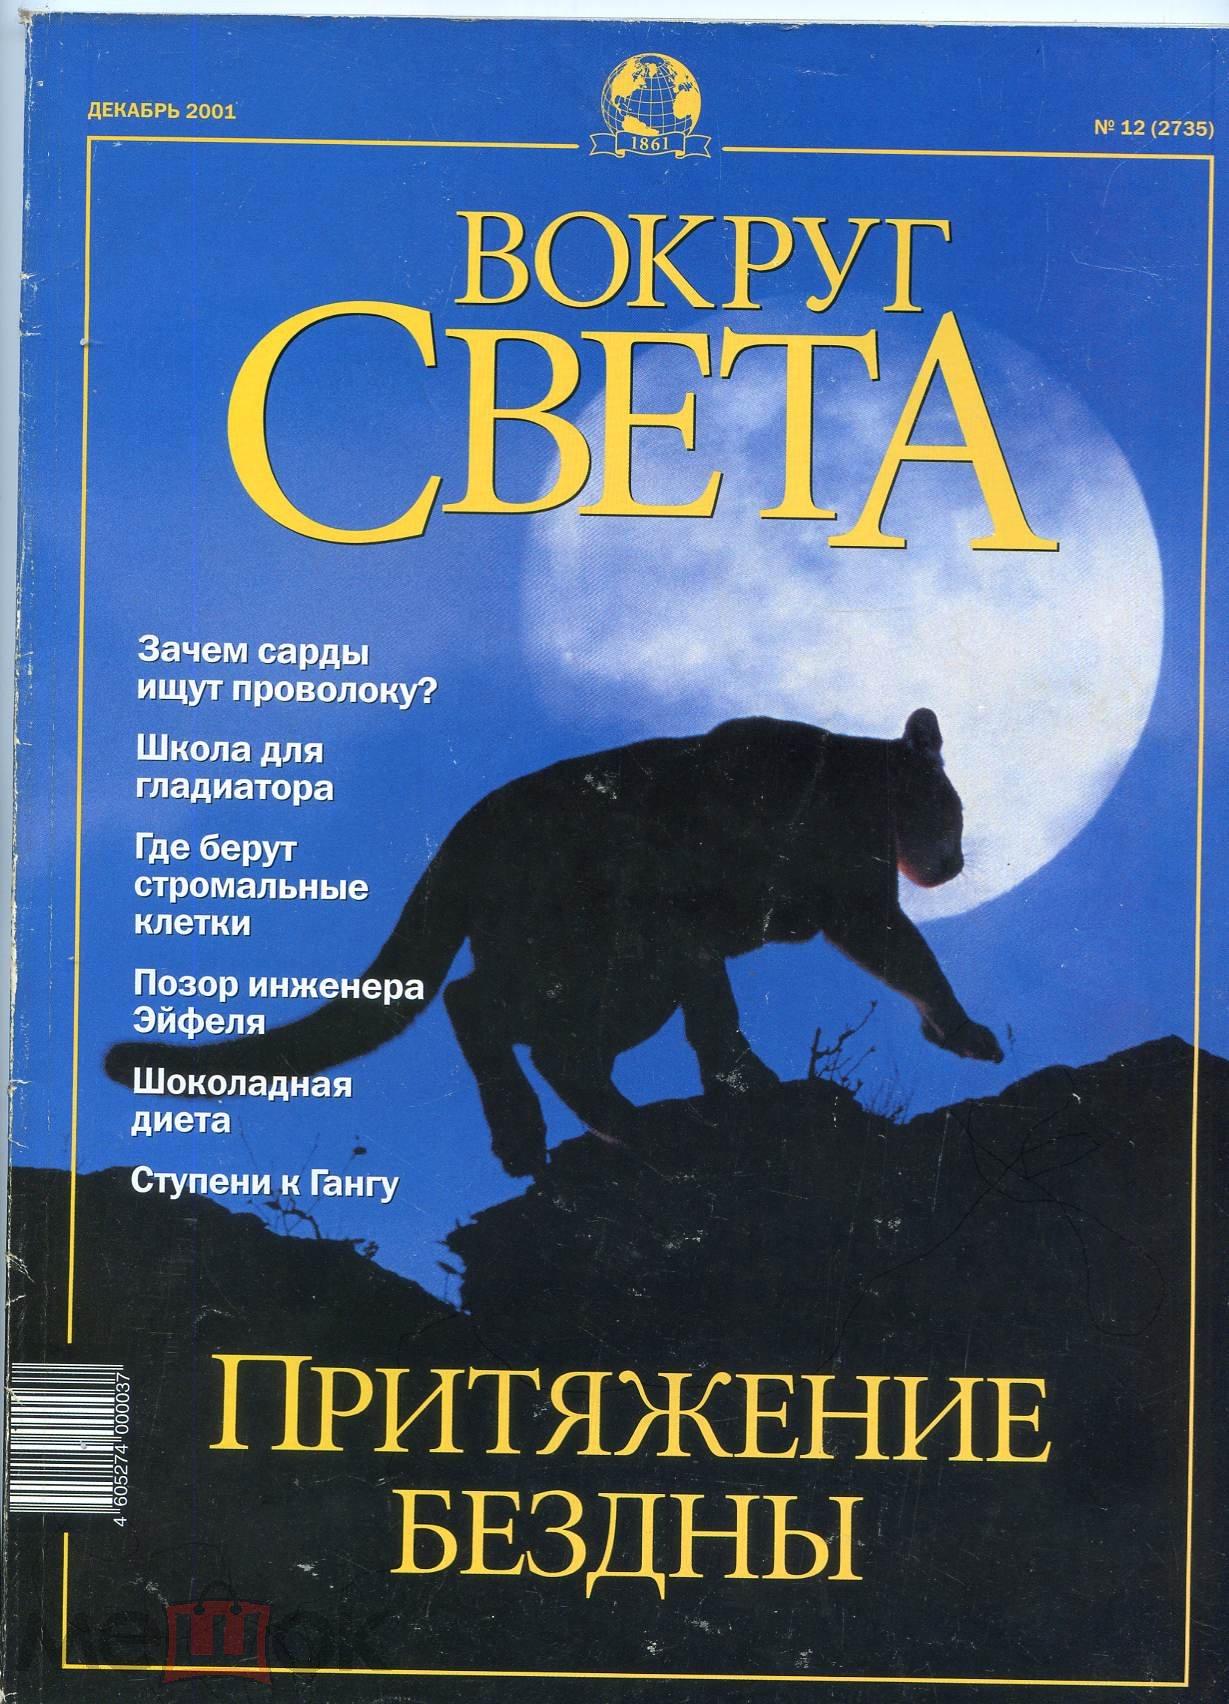 Вокруг света № 12 декабрь 2001 г.